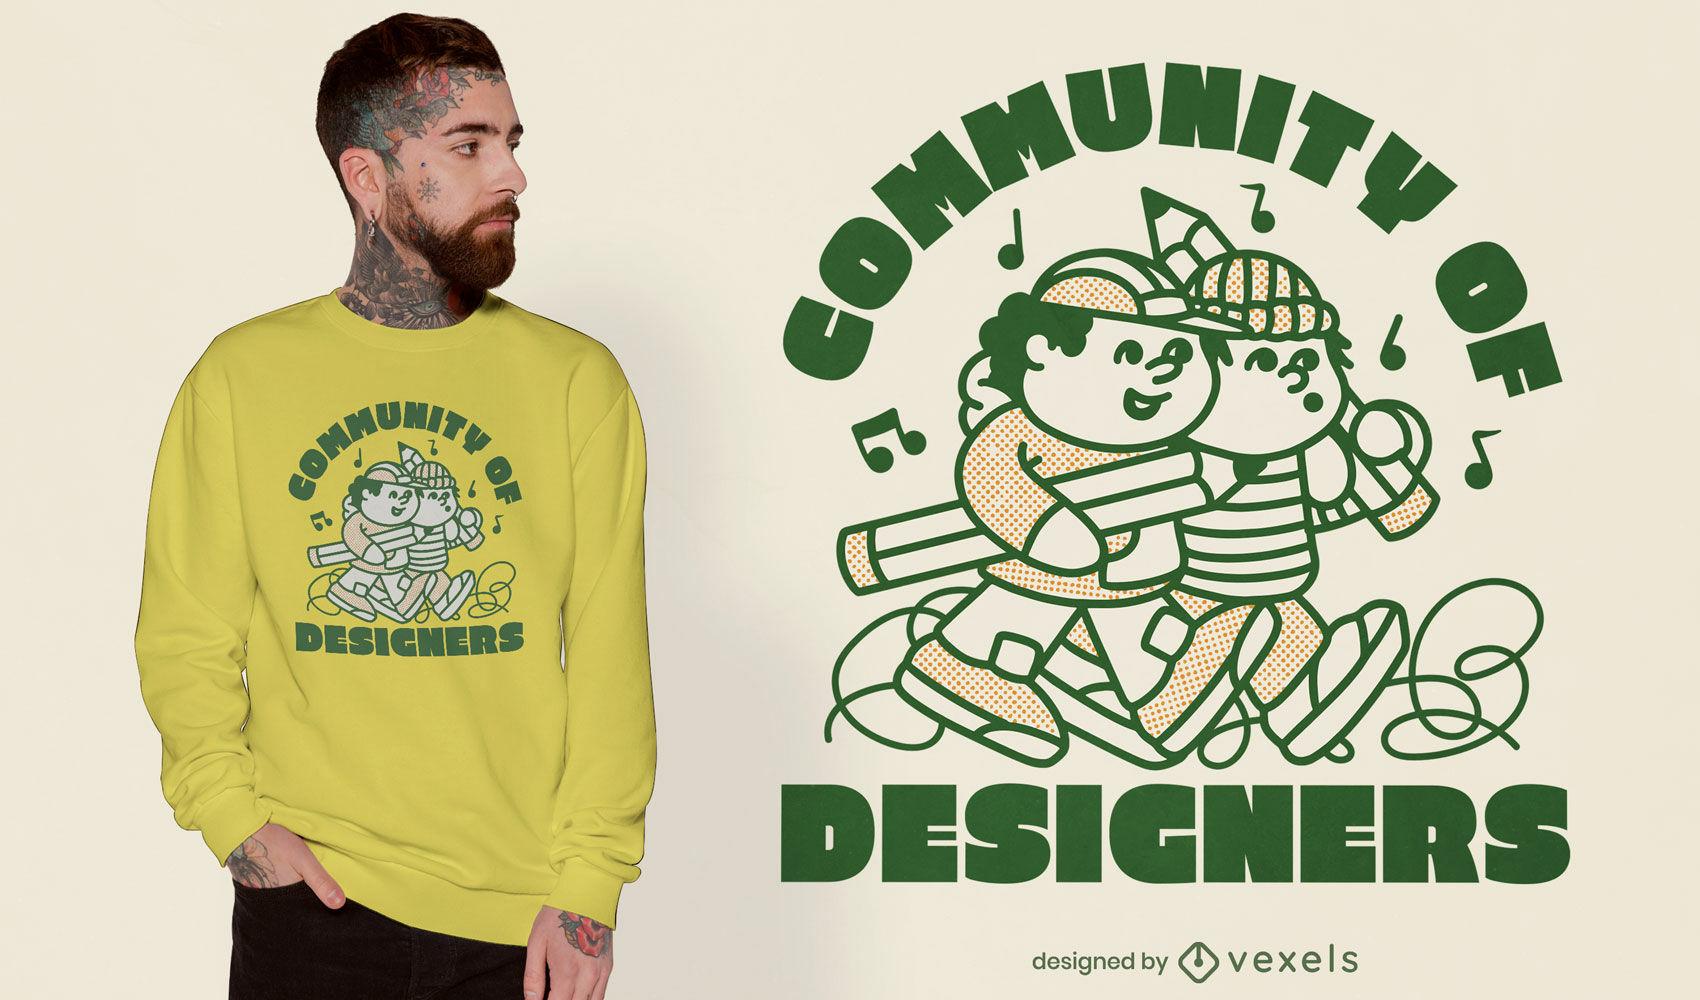 Designer friends doodle t-shirt design